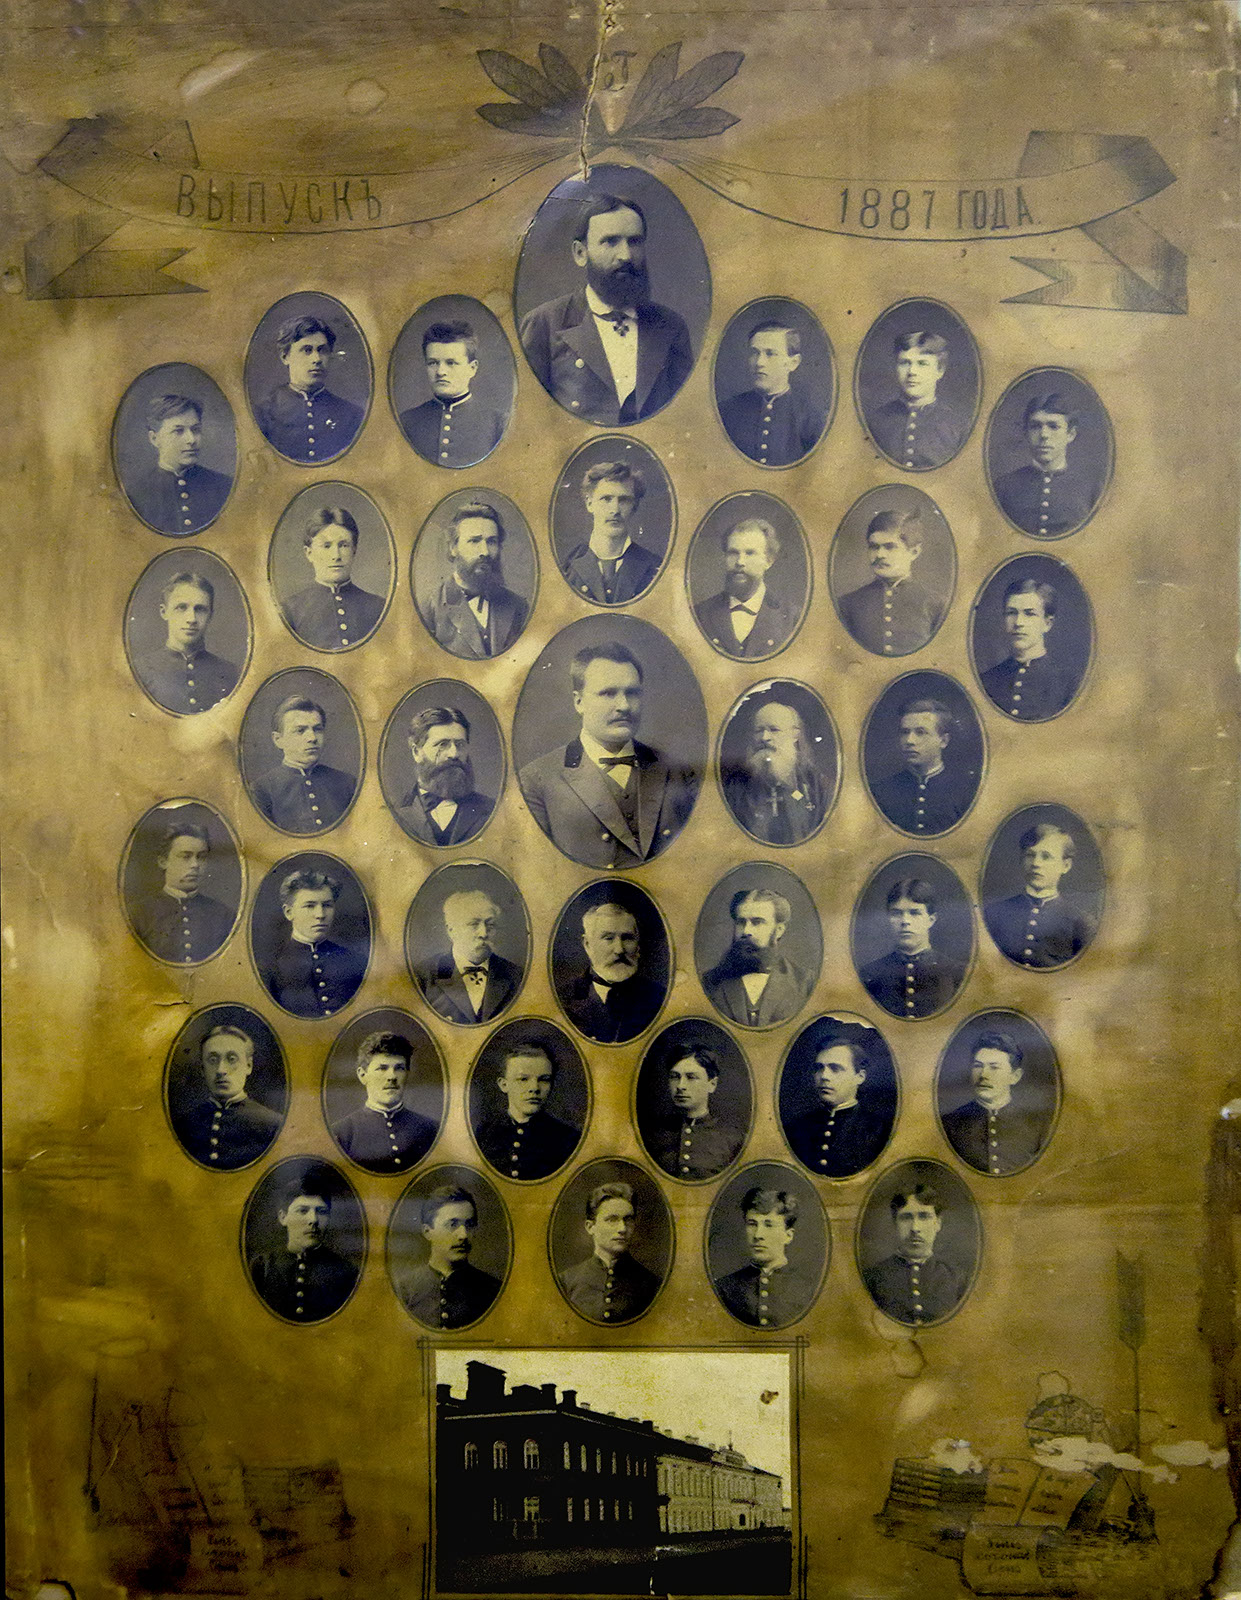 Фото №66176. Фотография. Выпуск Симбирской гимназии 1887 года